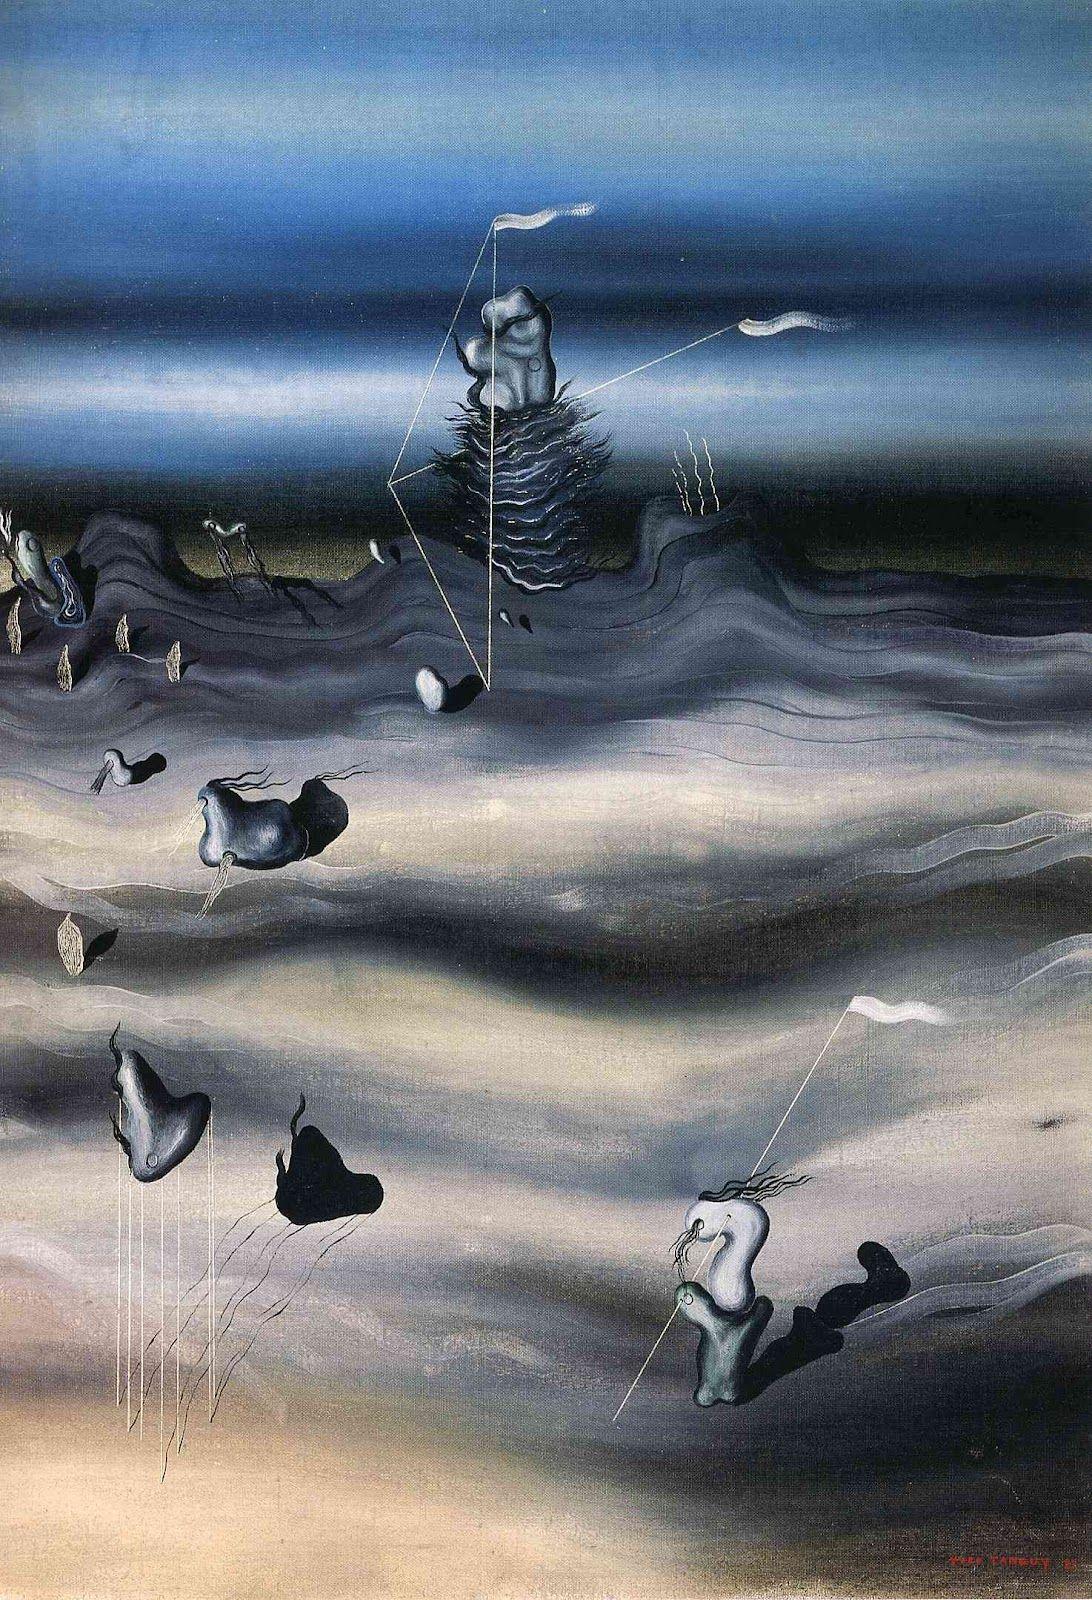 art nowa yves tanguy art yves tanguy surrealism art